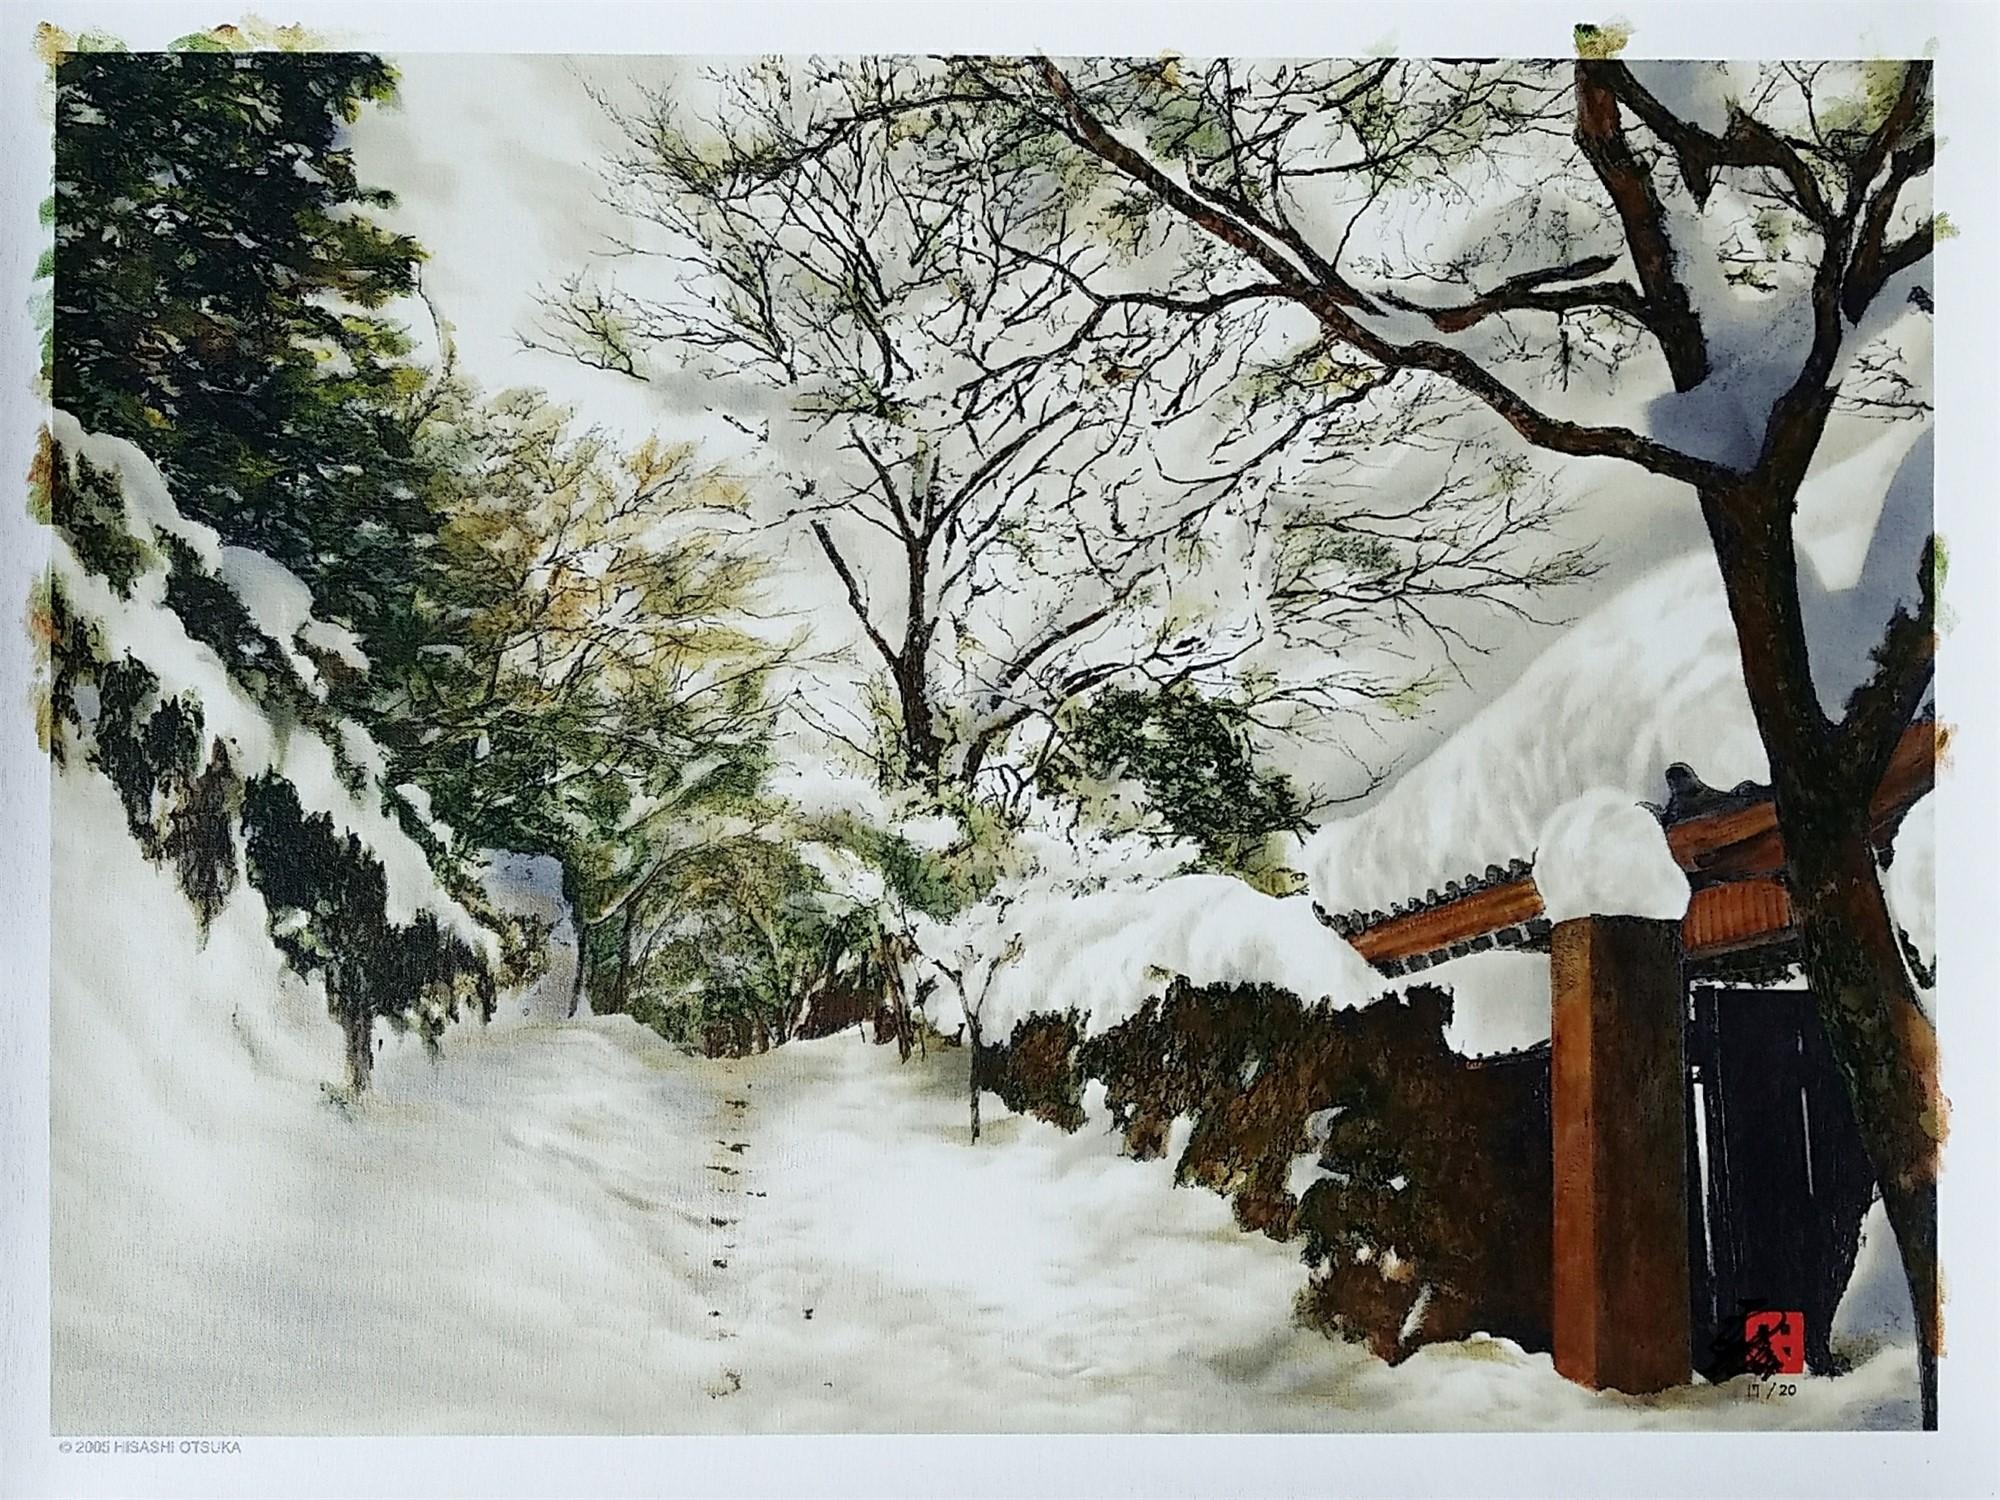 Silent Morning by Hisashi Otsuka